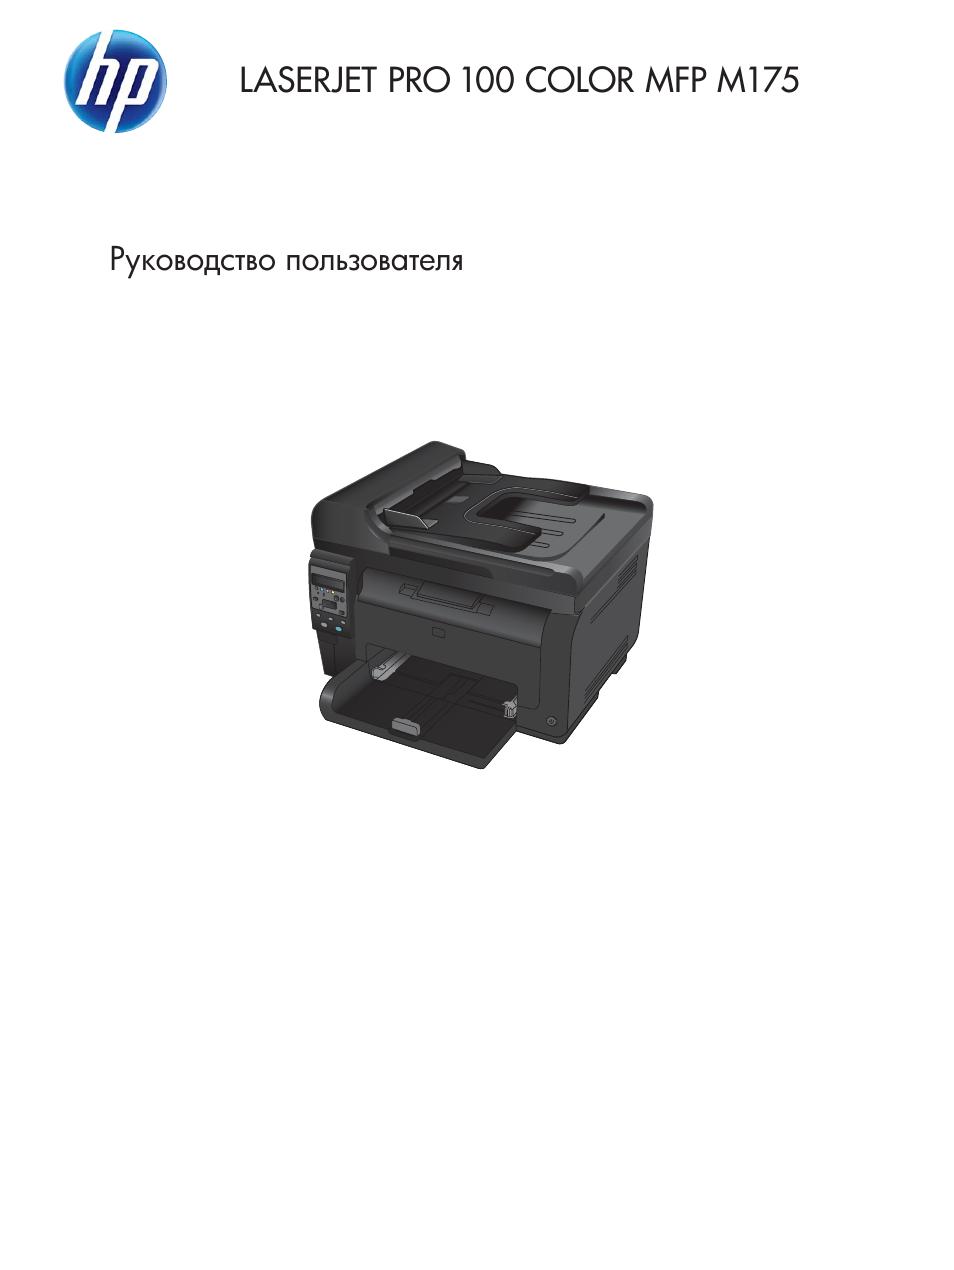 Инструкция по эксплуатации HP Цветное МФУ HP LaserJet Pro 100 M175nw 238 страниц Оригинал